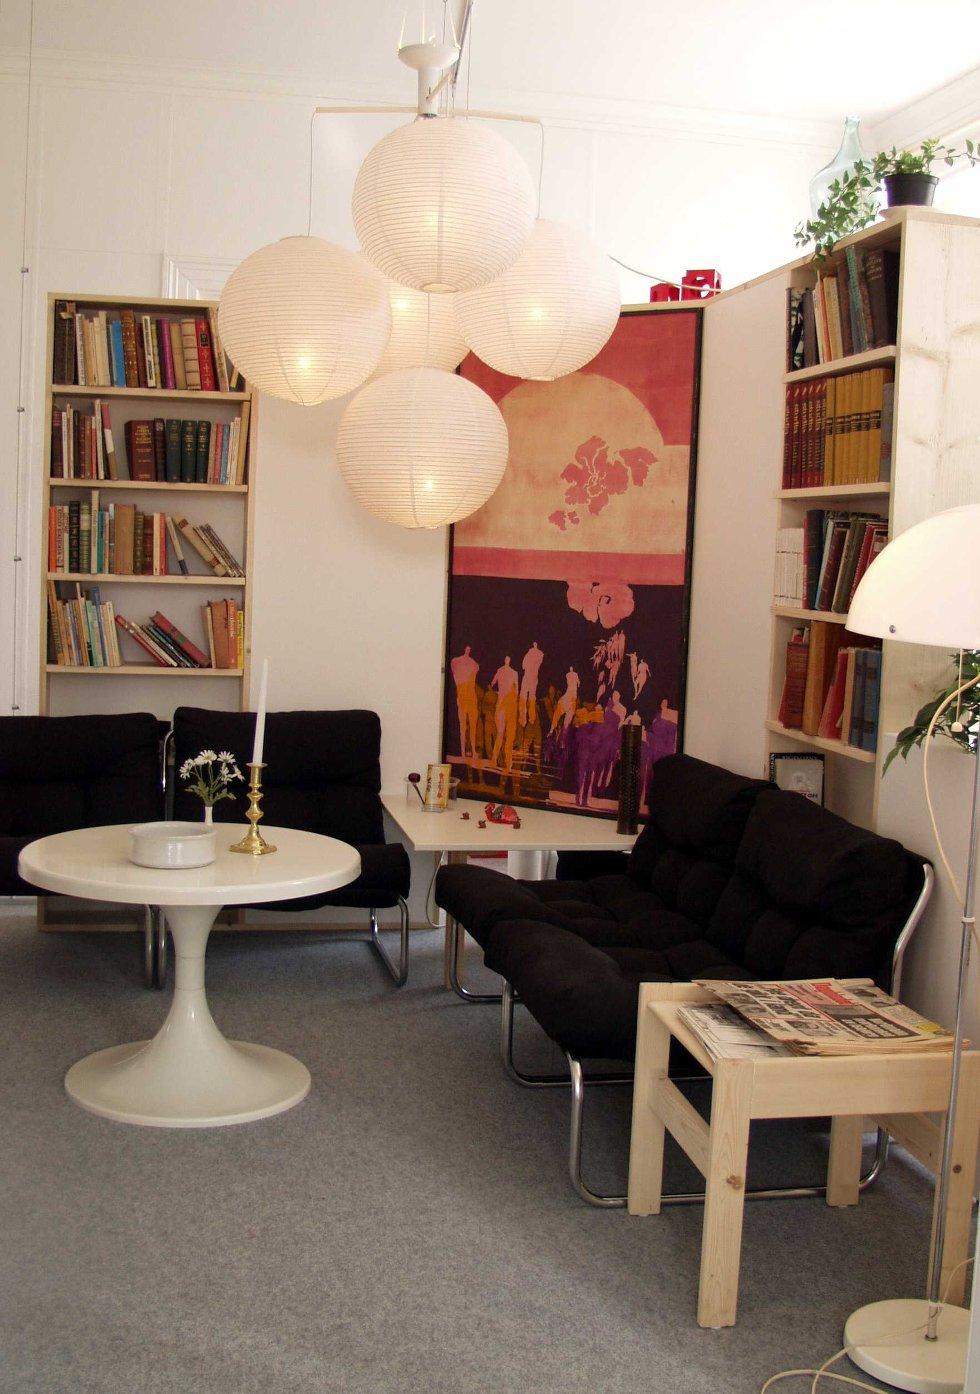 Leiligheten har en del hvite flater, og skiller seg dermed helt fra leiligheten i Øyjordsveien. Så er den også innredet noen år senere.  (Foto: Norsk Folkemuseum)